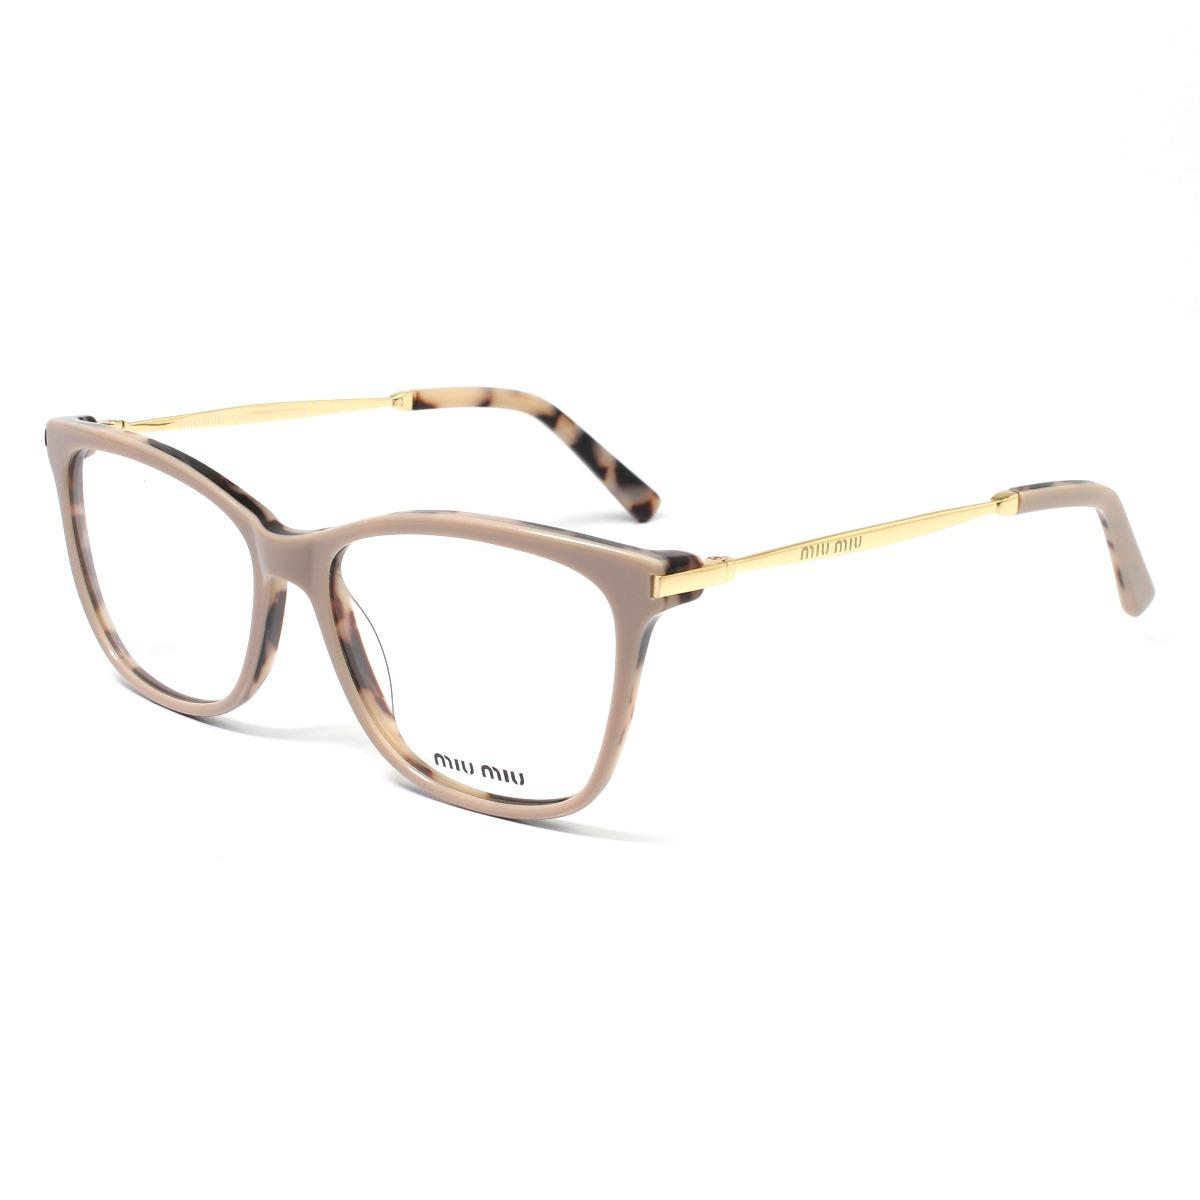 52497400162bd armação oculos de grau mm vmu06p frete gratis. Carregando zoom.